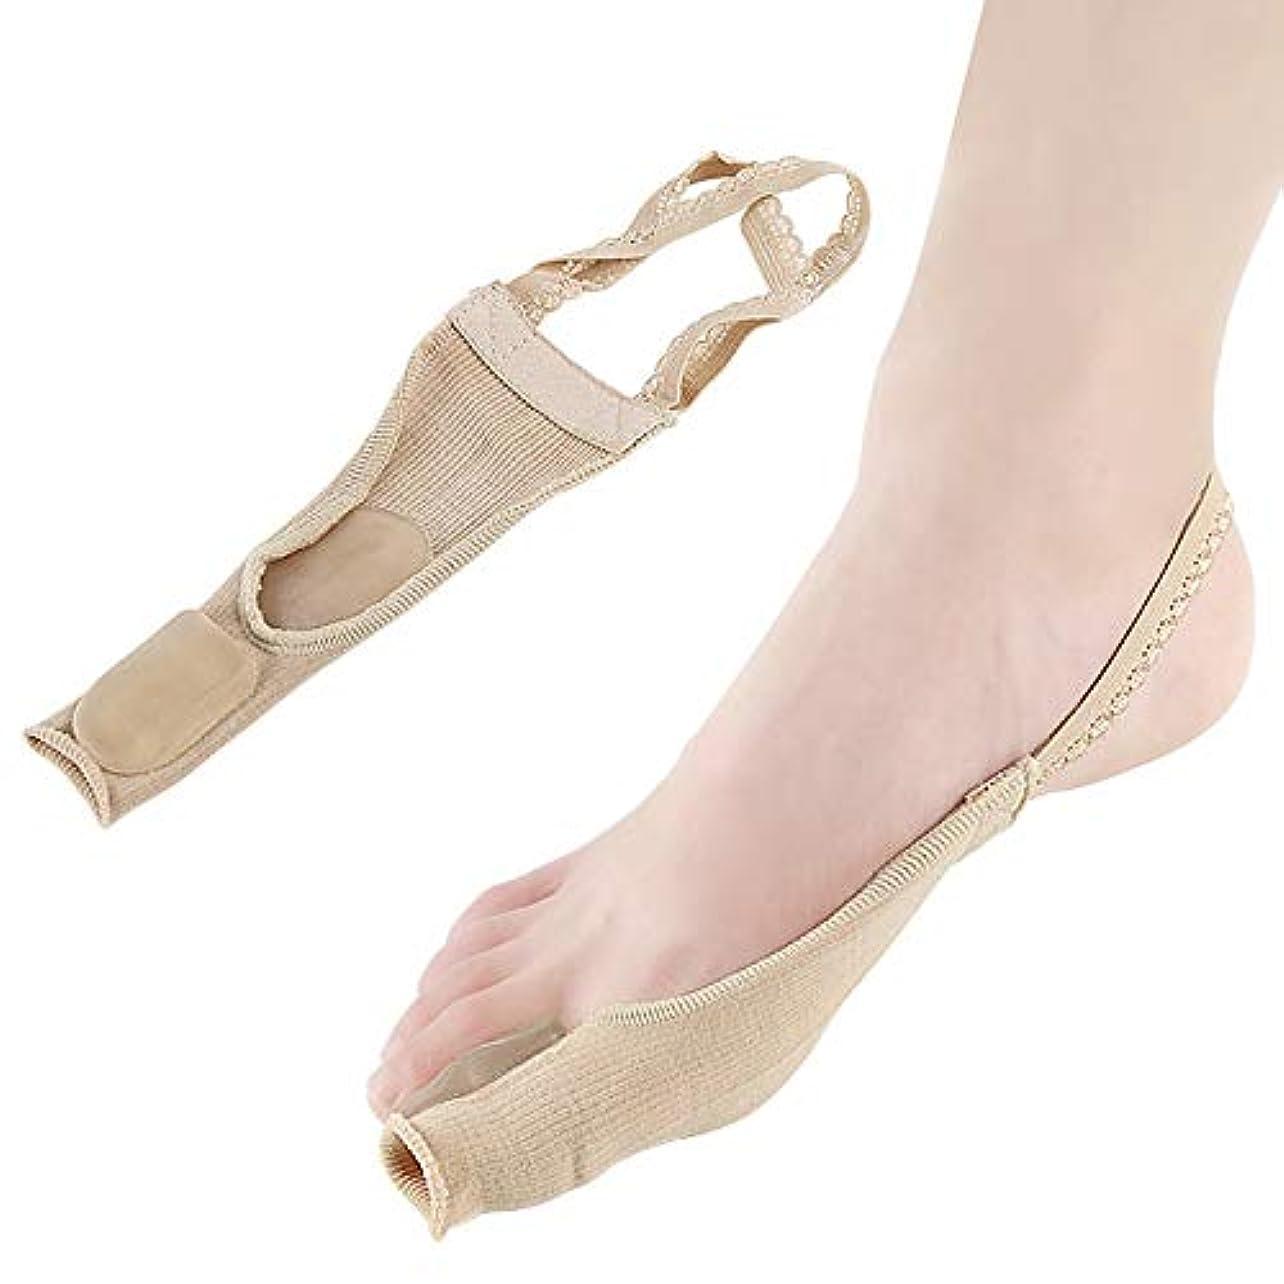 原子炉マントルシャイニングつま先矯正靴下ワンサイズレース防止つま先外反重複高弾性厚み減衰吸収汗通気性ナイロンSEBS,2Pairs